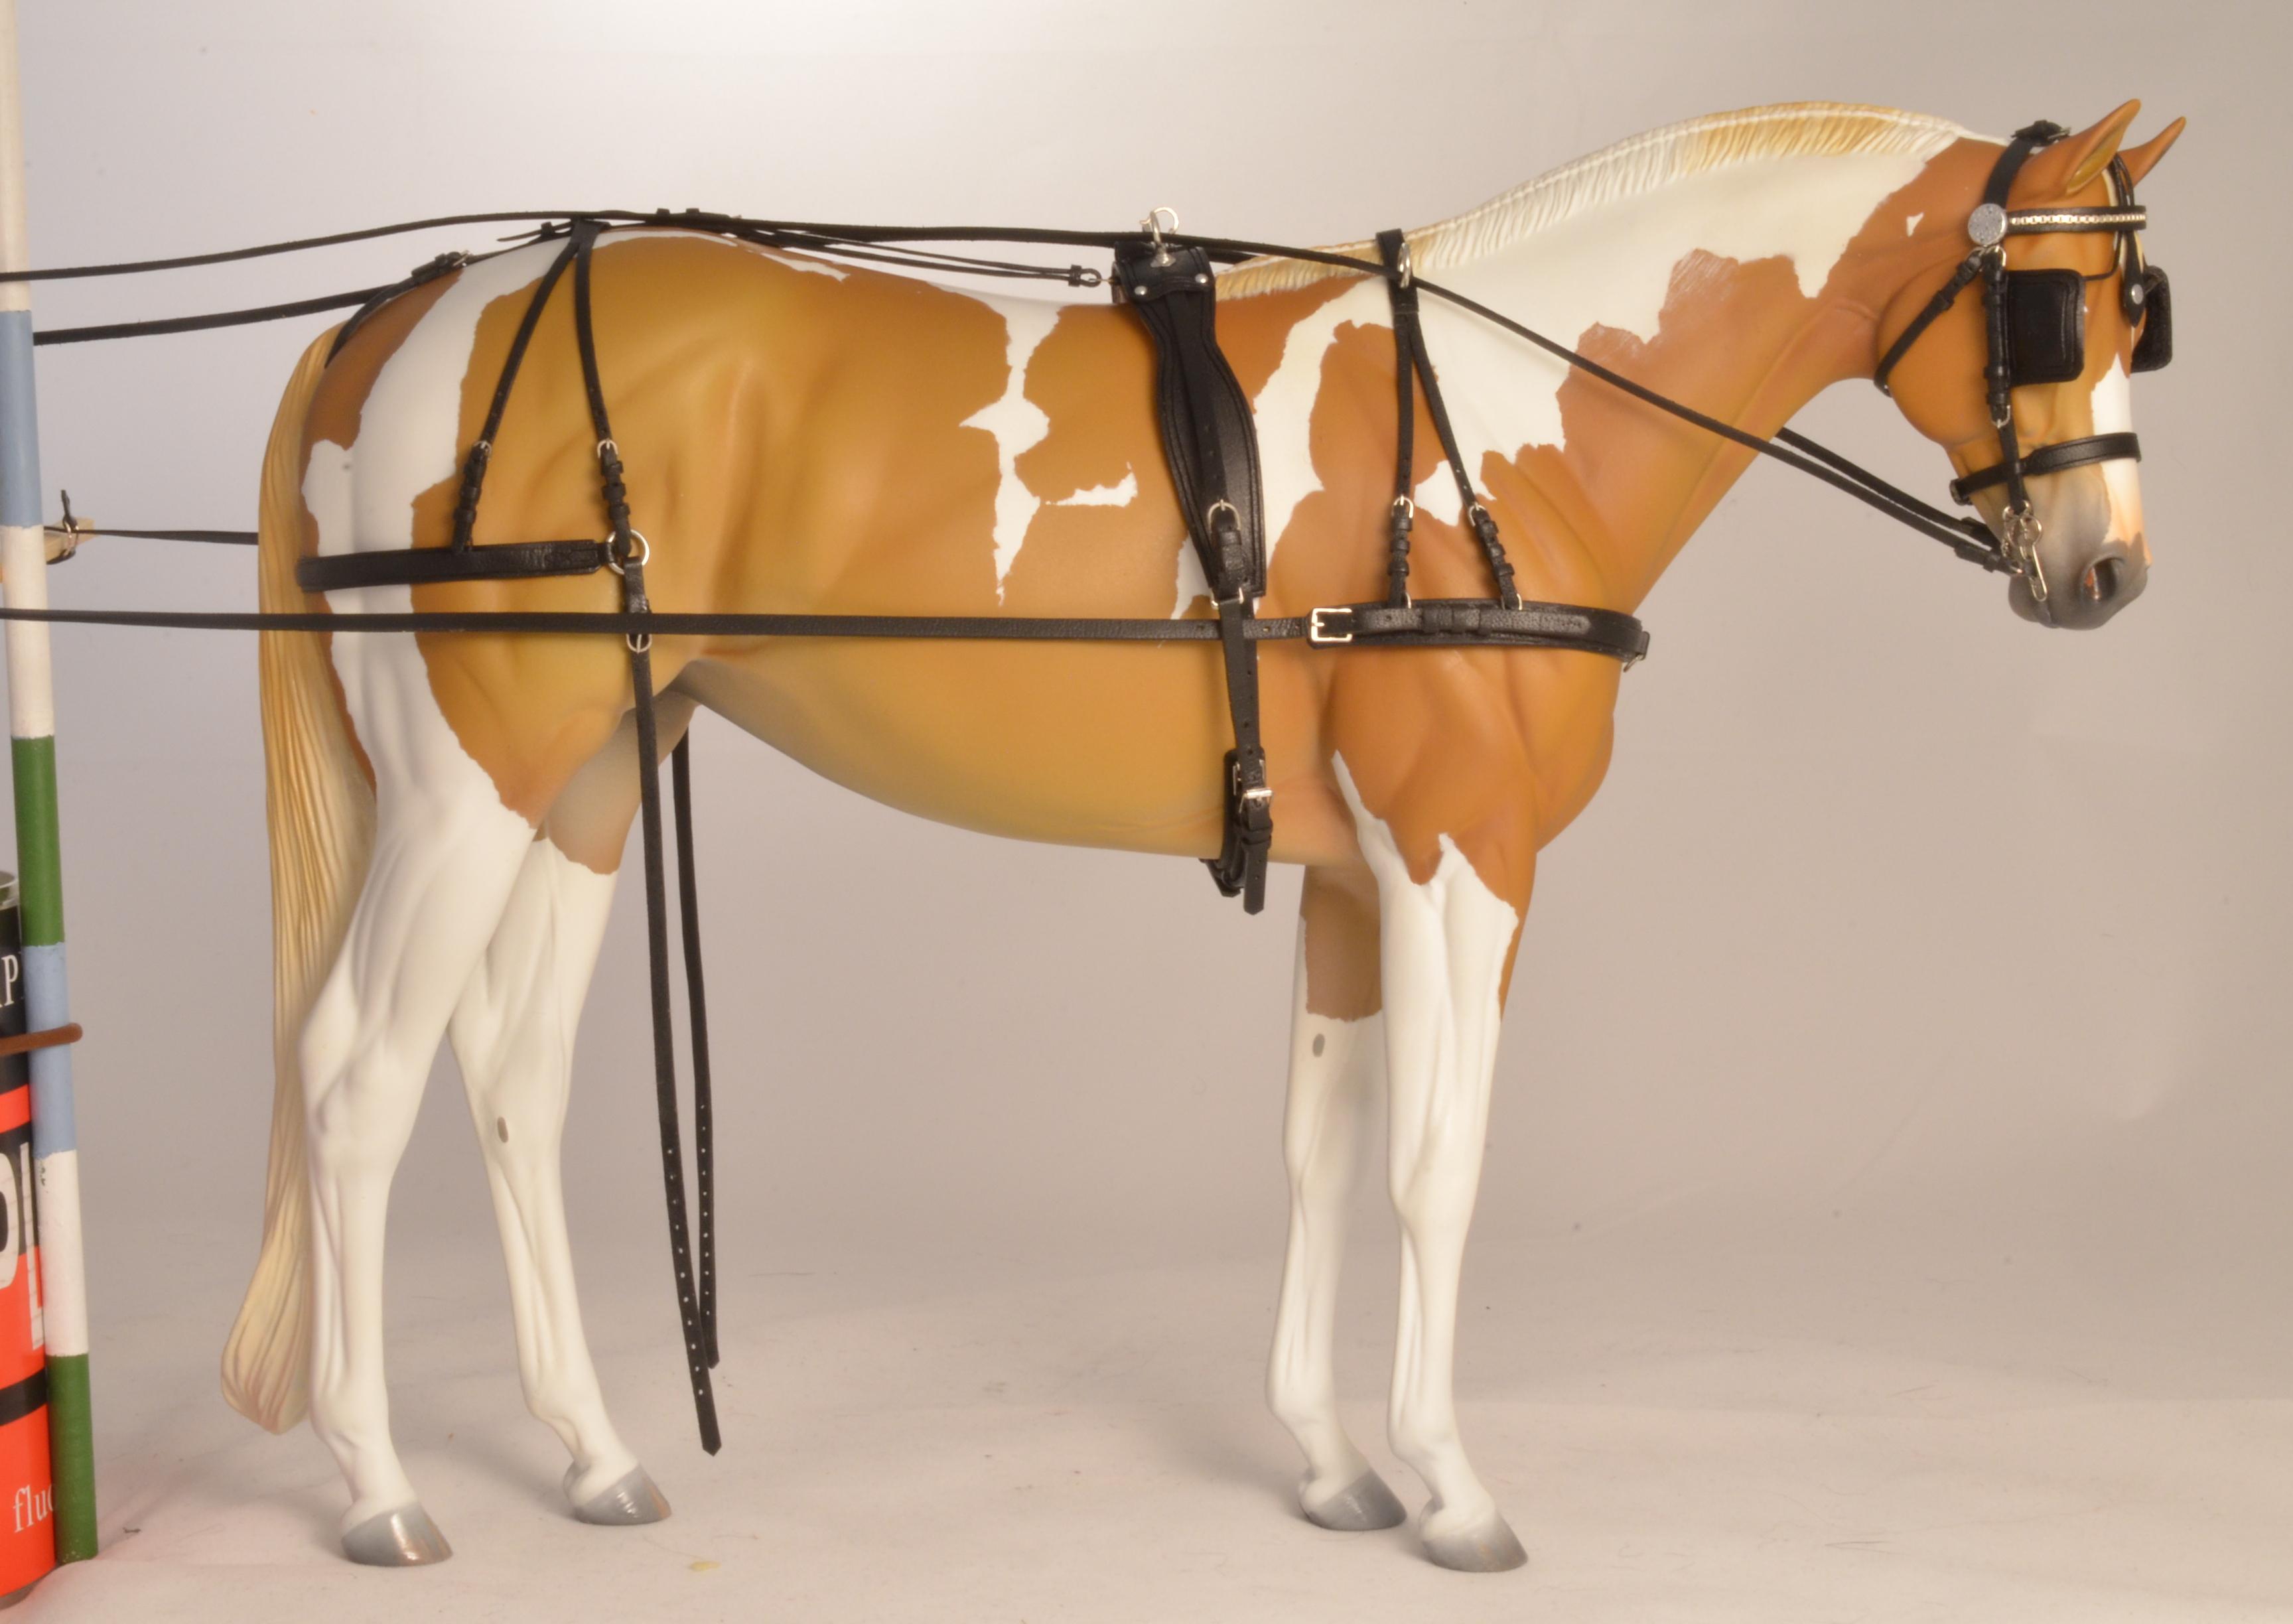 Упряжь для лошадей: конструкция и назначение, виды сбруи, фото и видео